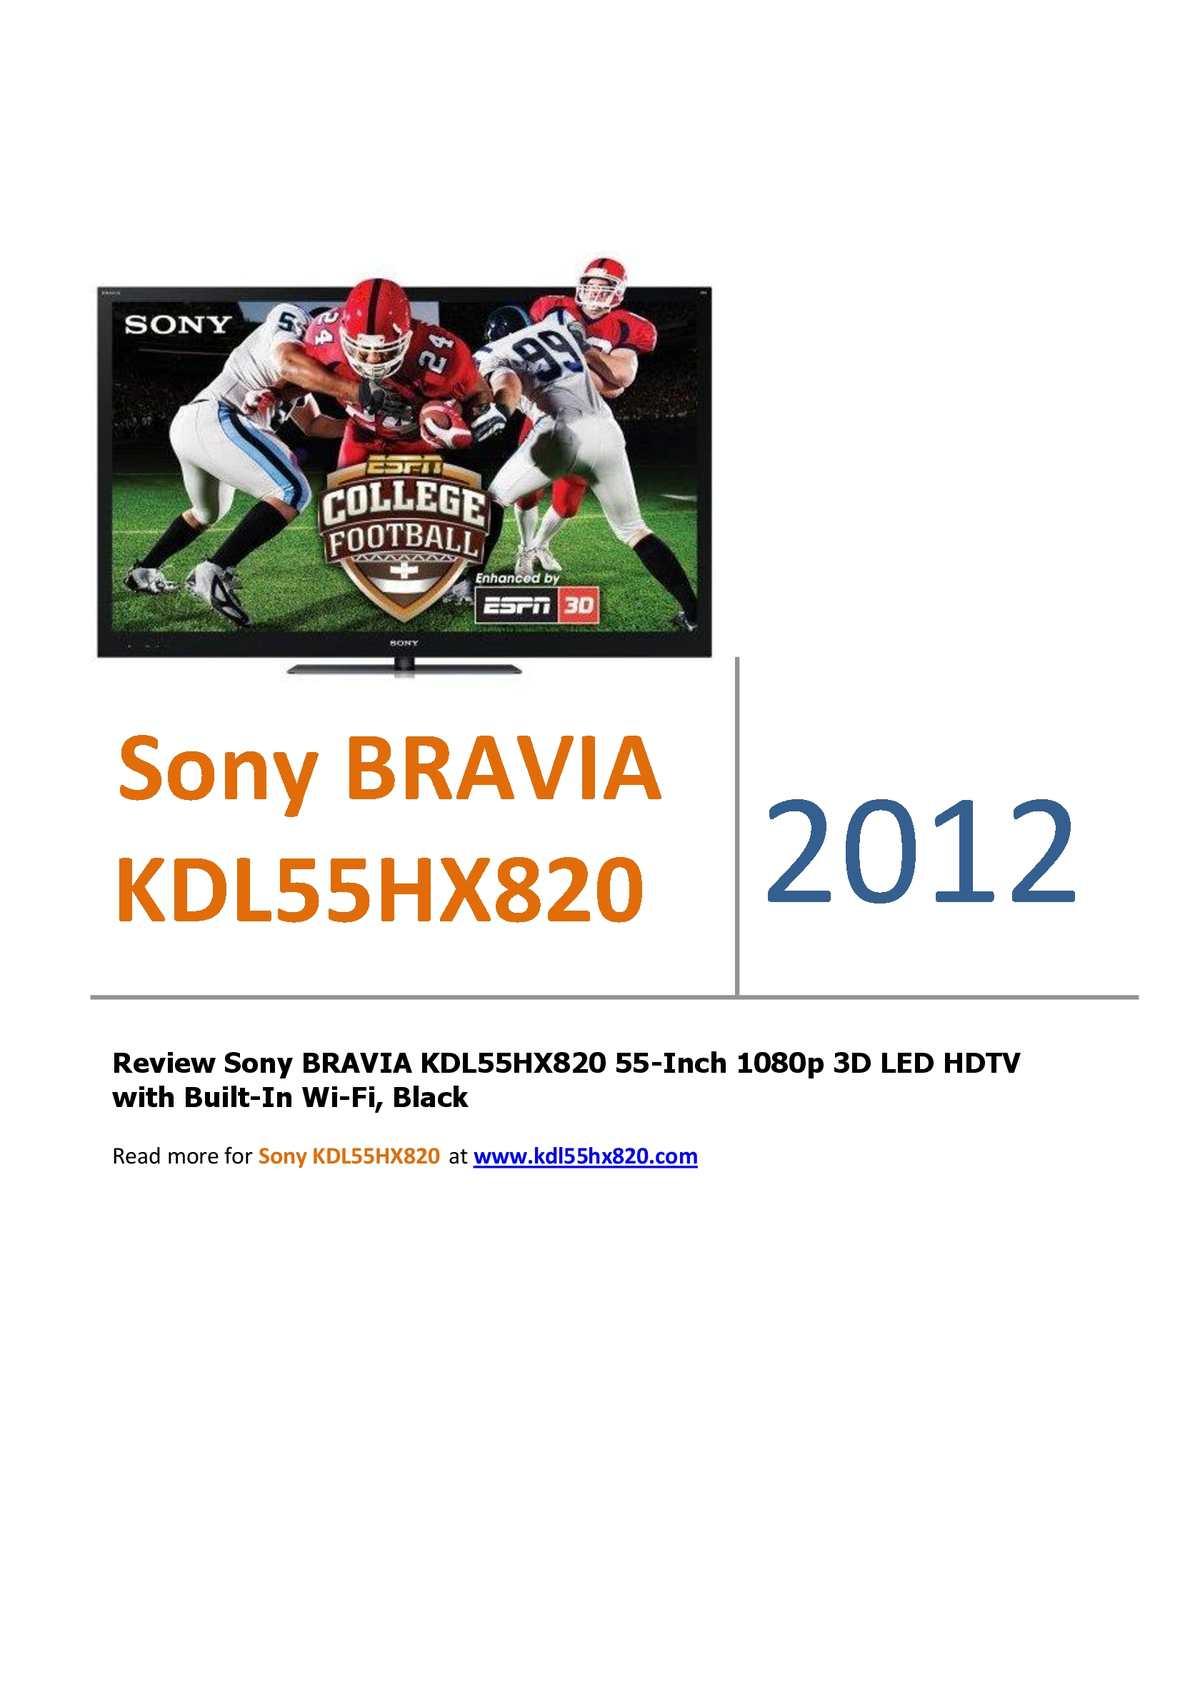 Calaméo - Sony BRAVIA KDL55HX820